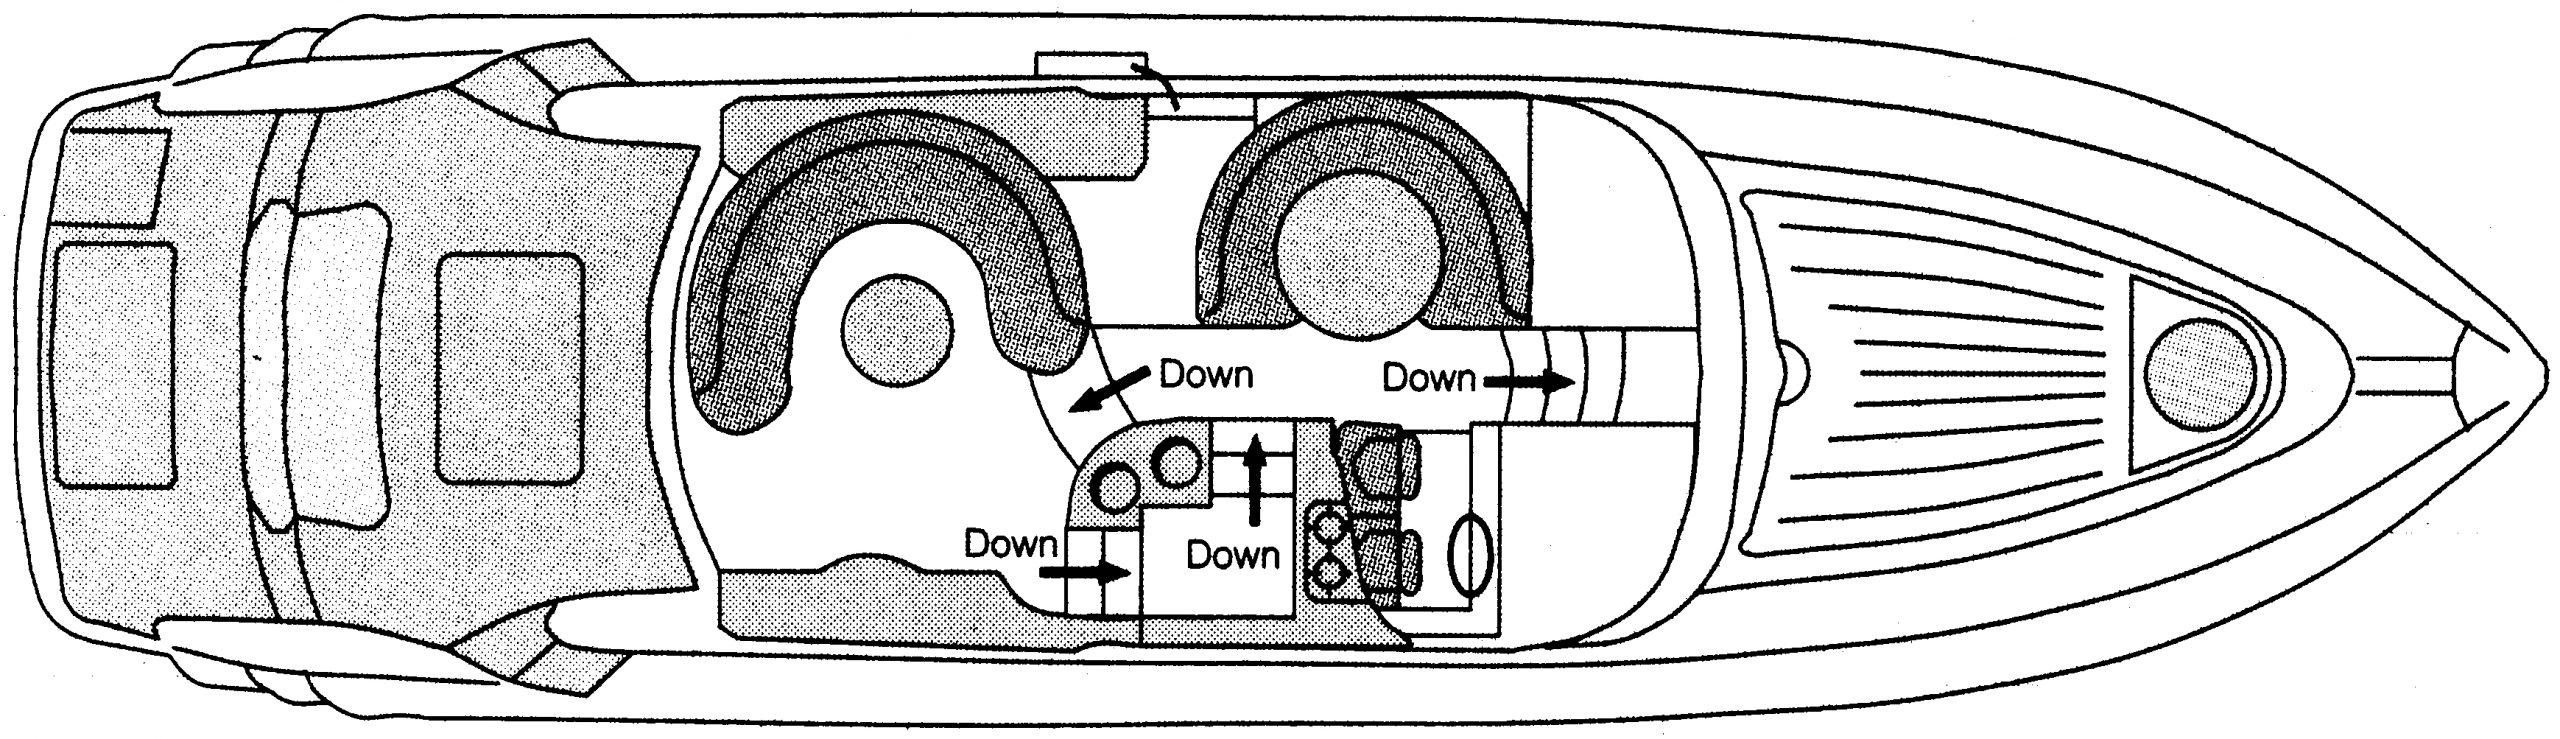 55 Squadron Floor Plan 2